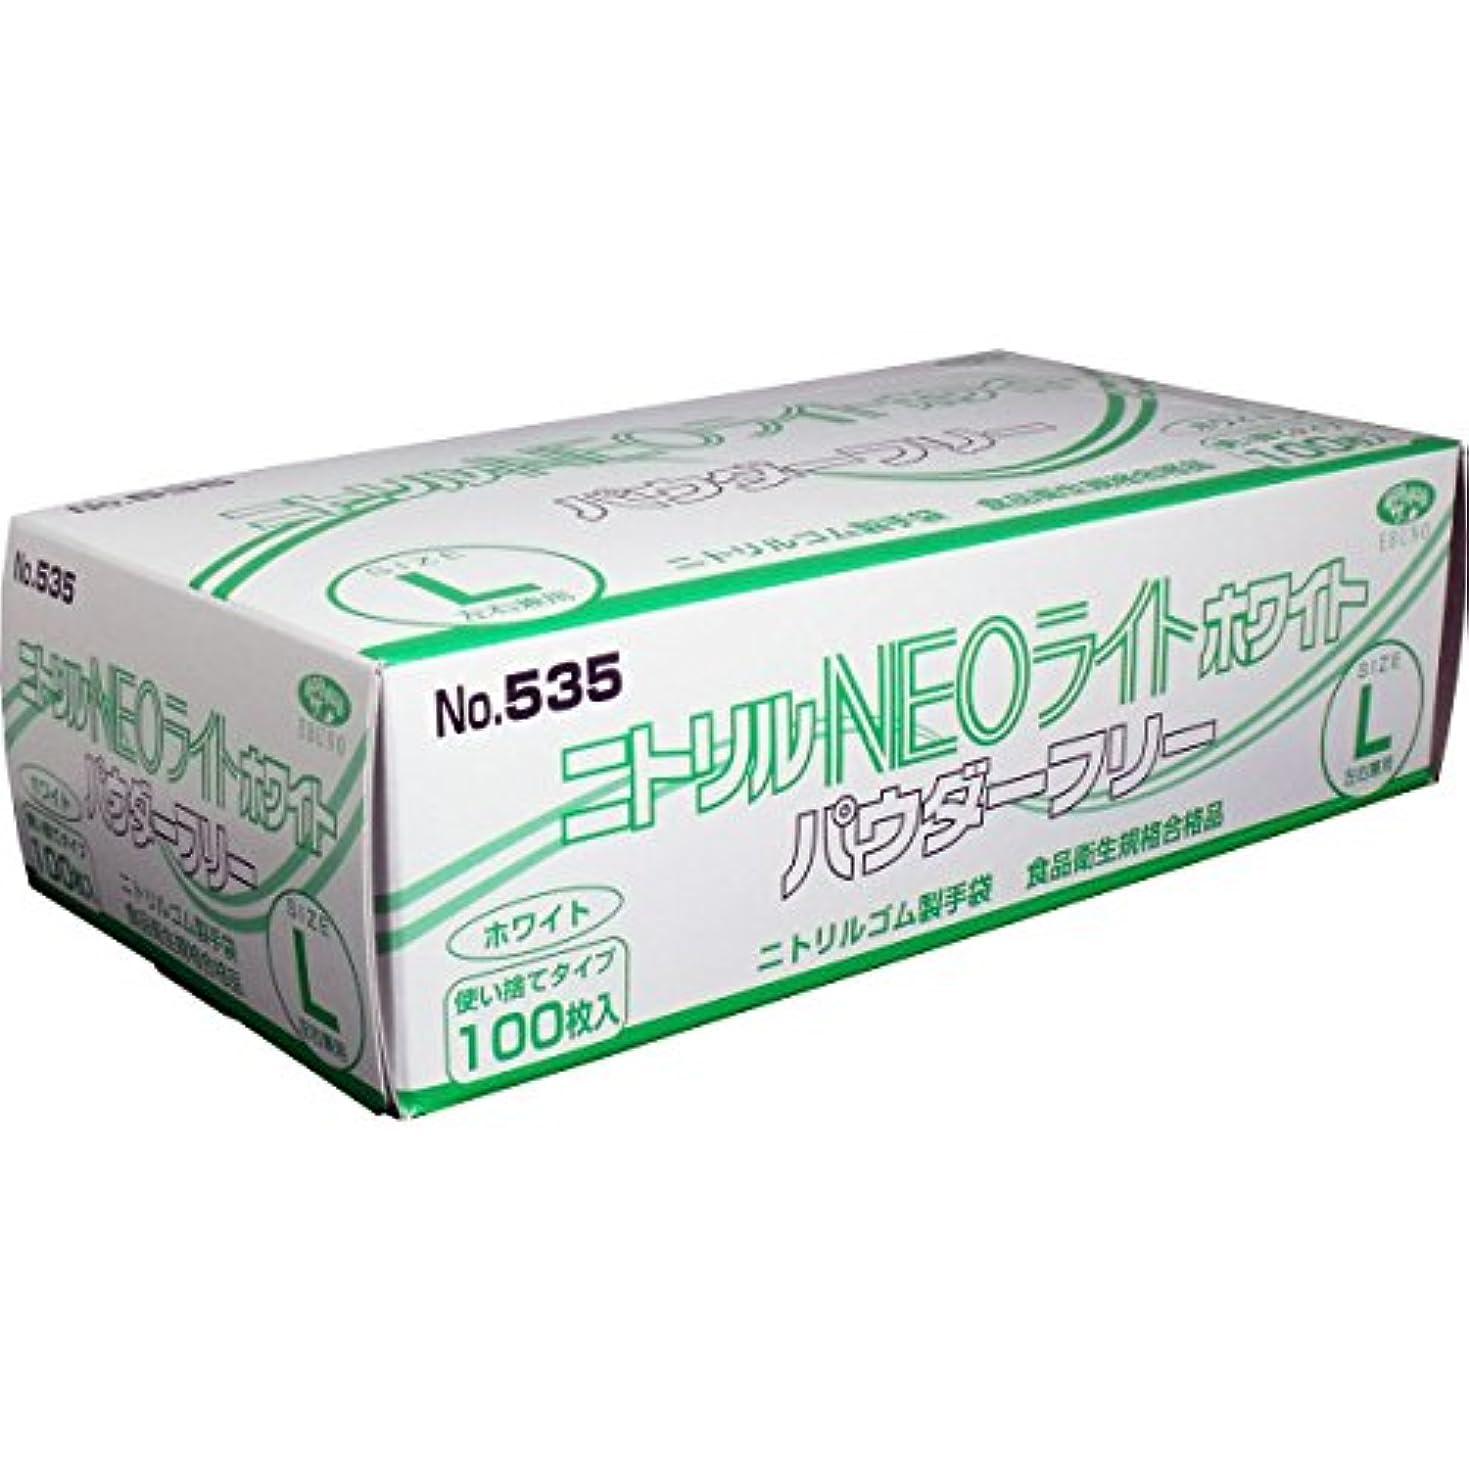 時期尚早ほこり歩道ニトリル手袋 NEOライト パウダーフリー ホワイト Lサイズ 100枚入 ×3個セット